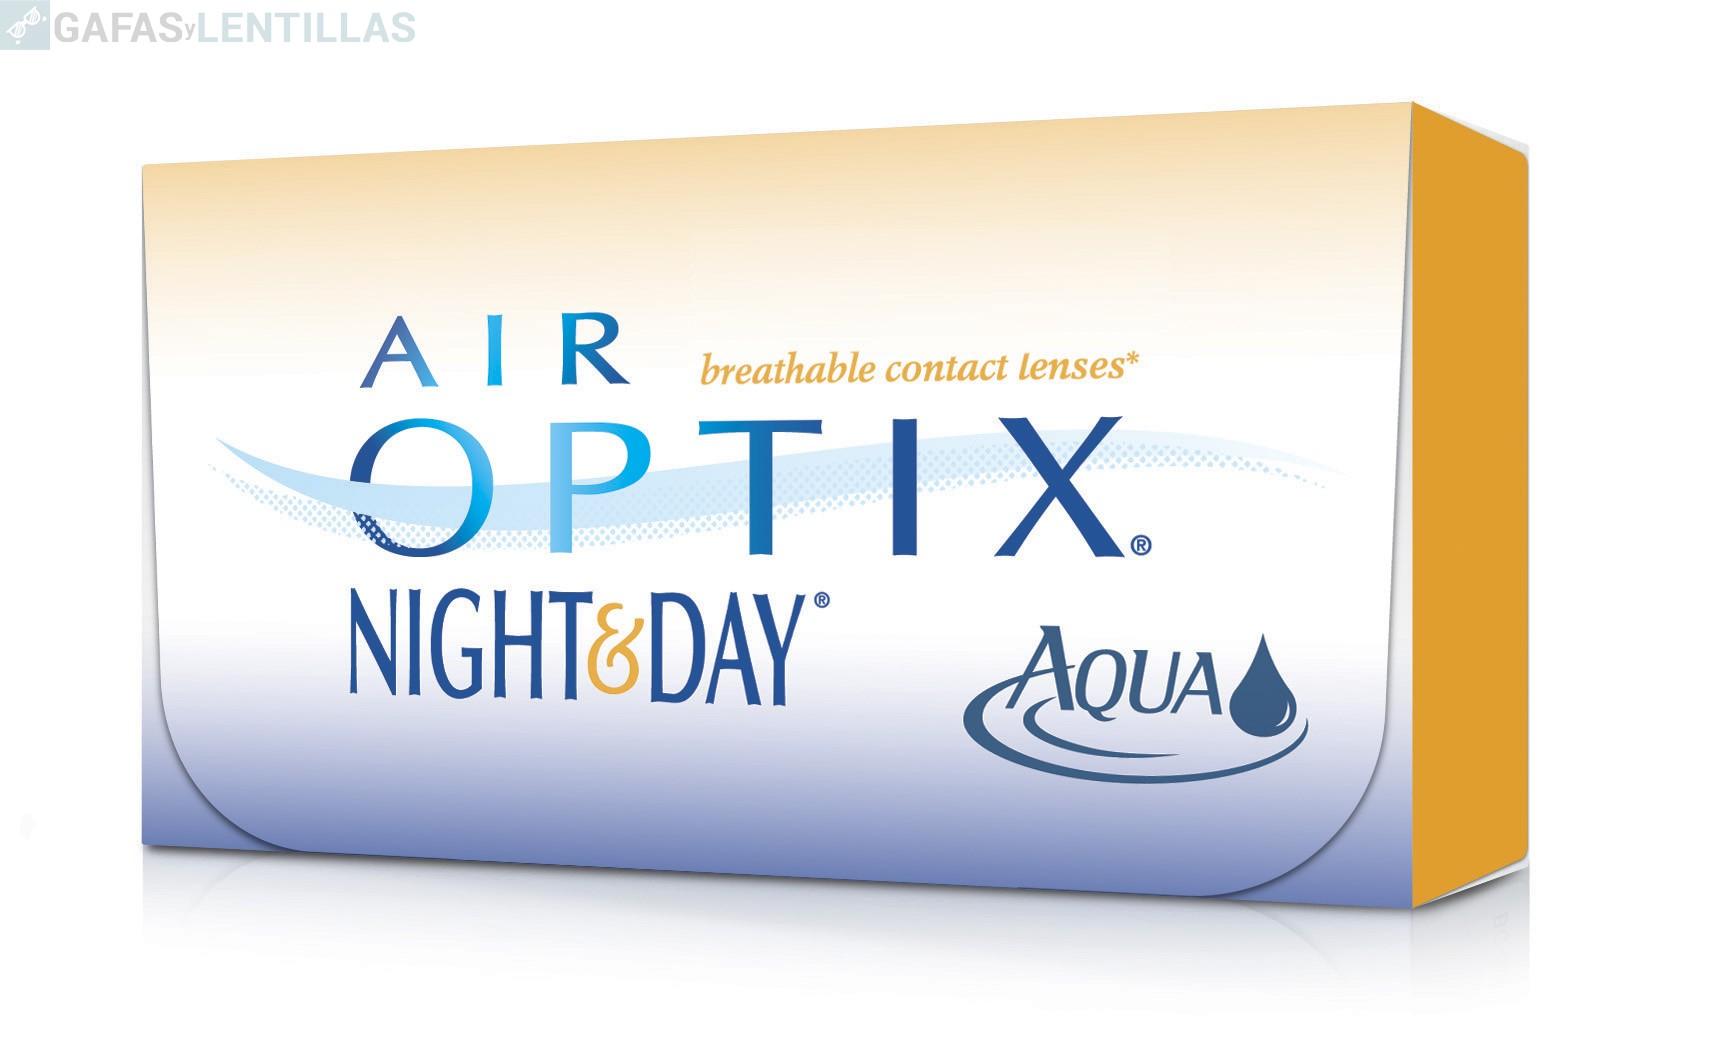 AIR OPTIX NIGHT & DAY CAJA 6 LENTILLAS